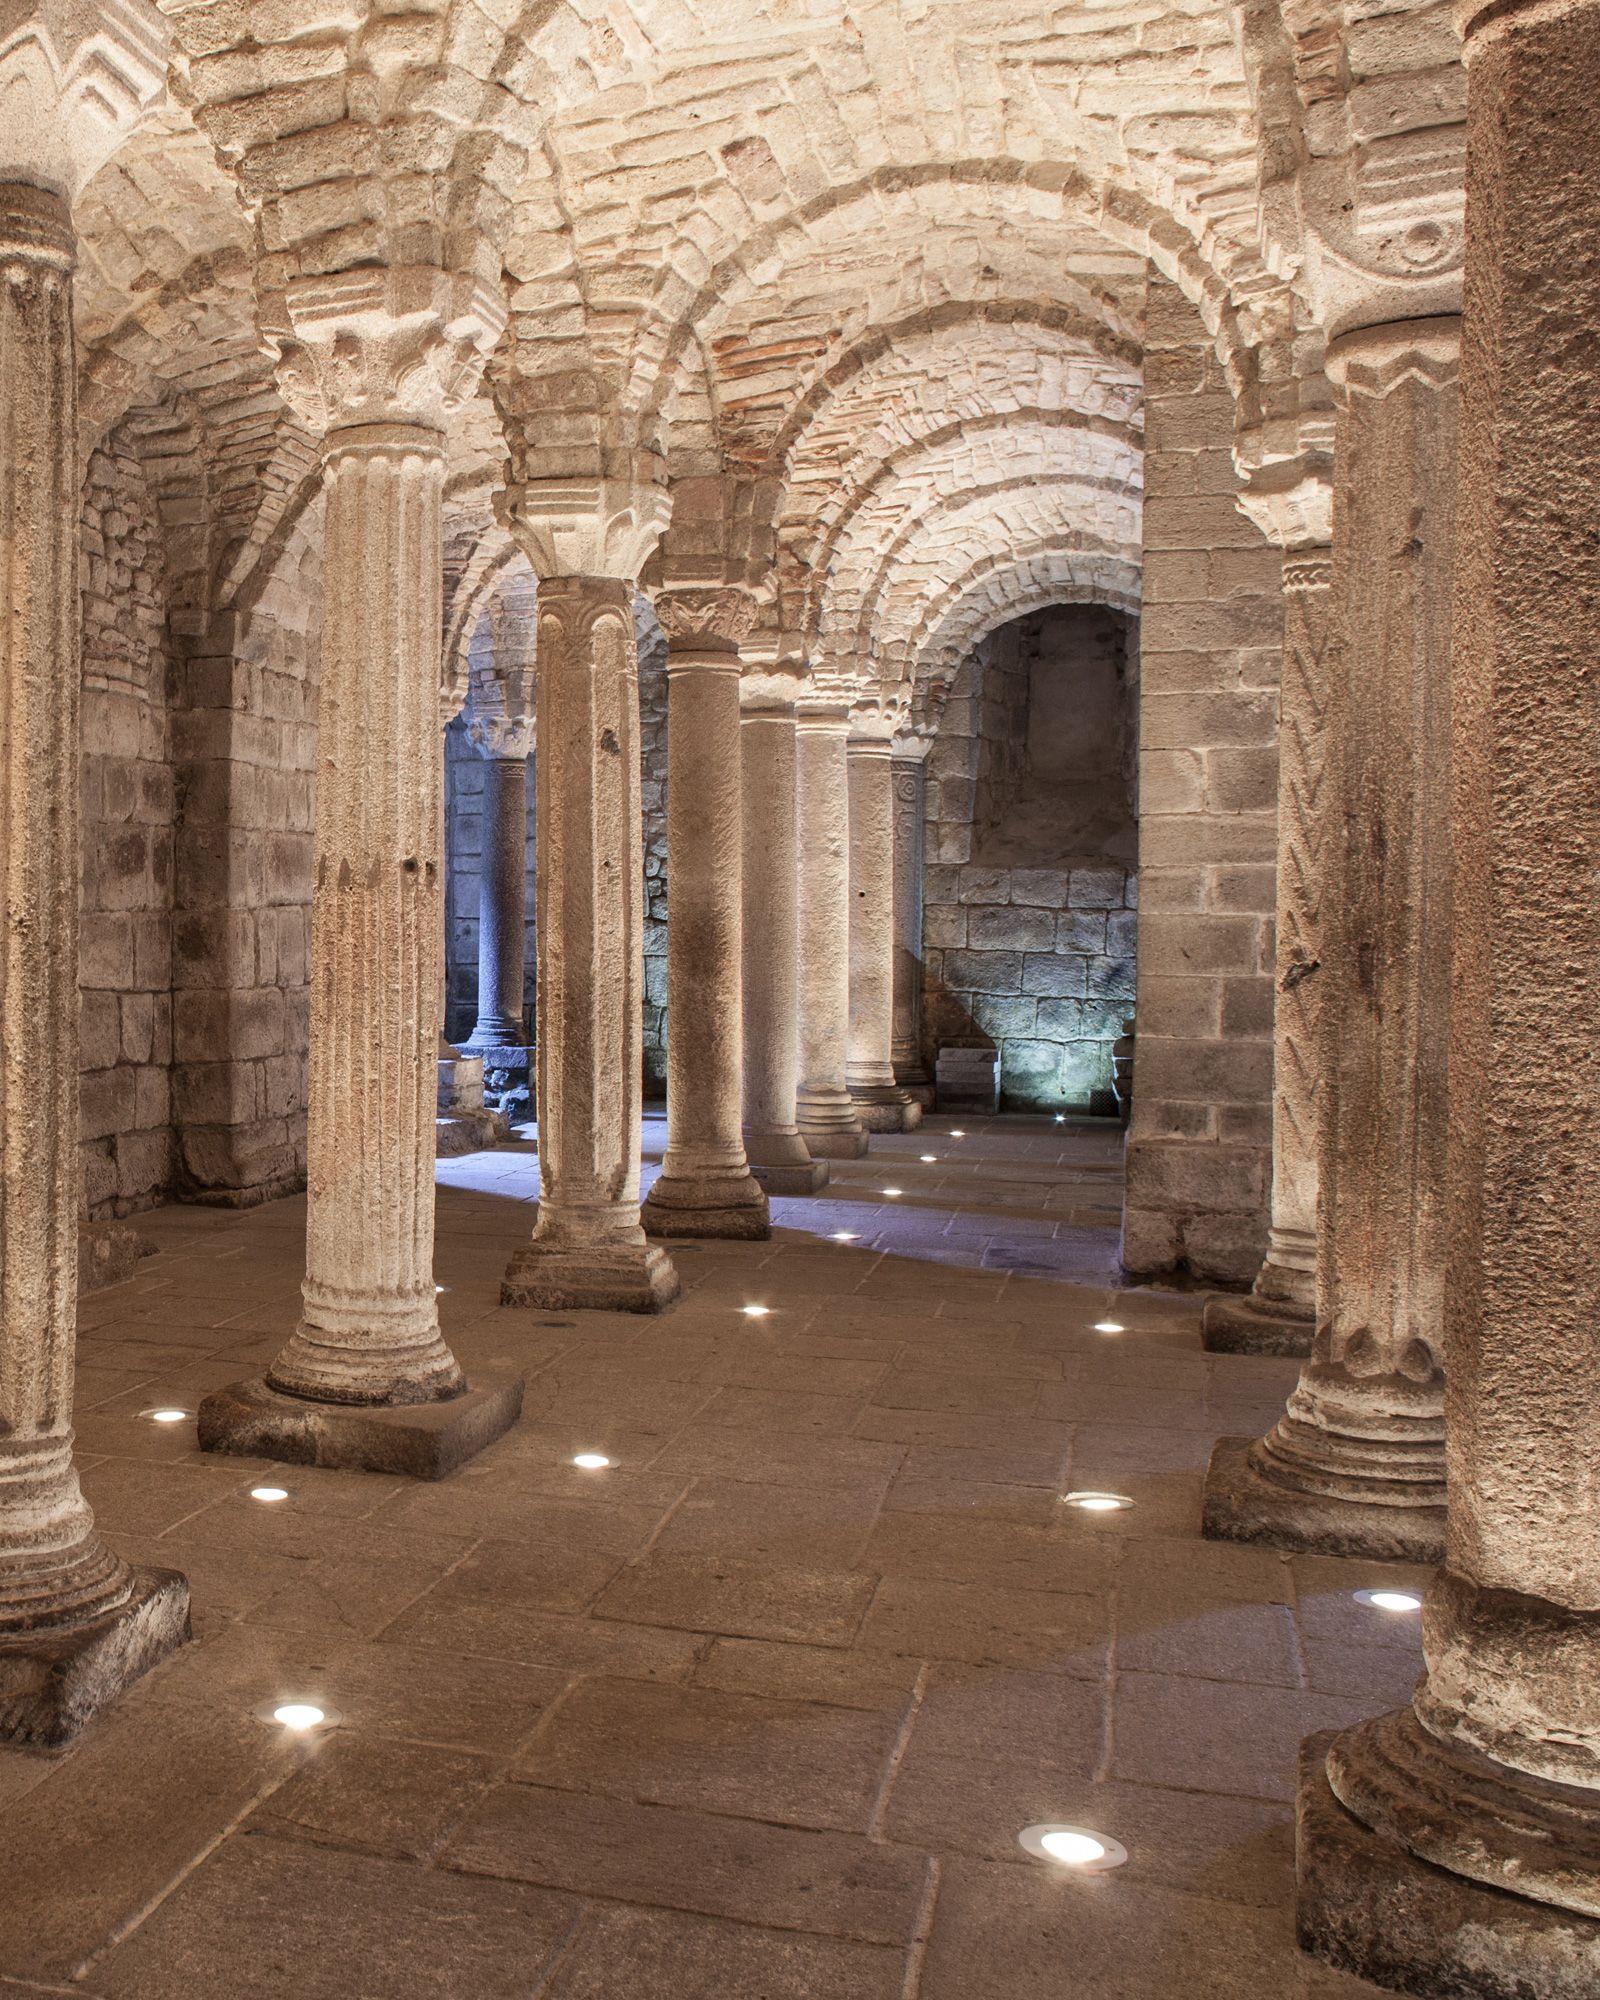 Abbadia San Salvatore - Una storia scavata nella roccia